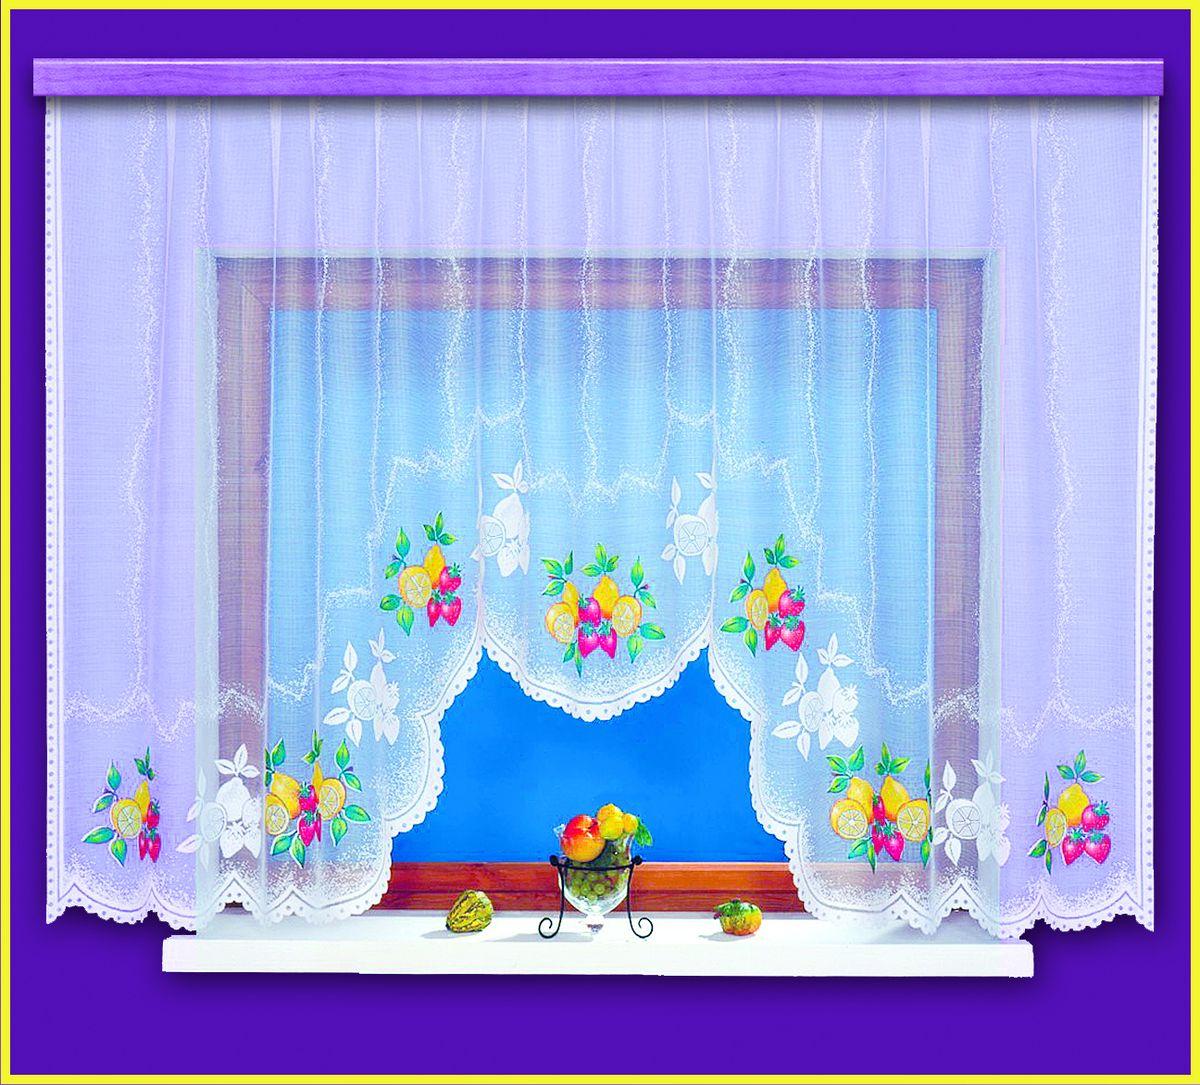 Гардина для кухни Haft Ozdoba Kuchni, цвет: белый, высота 160 см. 99220/160271WВоздушная гардина Haft Ozdoba Kuchni, изготовленная из полиэстера белого цвета, станет великолепным украшением любого окна. Оригинальный фруктовый рисунок, украшающий нижний край гардины, и нежная ажурная фактура материала привлекут к себе внимание и органично впишутся в интерьер комнаты. В гардину вшита шторная лента.Размер гардины: 160 х 300 см.Текстильная компания Haft имеет богатую историю. Основанная в 1878 году в Польше, эта фирма зарекомендовала себя в качестве одного из лидеров текстильной промышленности в Европе. Еще в начале XX века фабрика Haft производила 90% всех текстильных изделий в своей стране, с годами производство расширялось, накопленный опыт позволял наиболее выгодно использовать развивающиеся технологии. Главный ассортимент компании - это тюль и занавески. Haft предлагает готовые решения дляваших окон, выпуская готовые наборы штор, которые остается только распаковать и повесить. Модельный ряд отличает оригинальный дизайн, высокое качество. Занавески, шторы, гардины Haft долговечны, прочны, практически не сминаемы, они не притягивают пыль и за ними легко ухаживать.Вся продукция бренда Haft выполнена на современном оборудовании из лучших материалов.